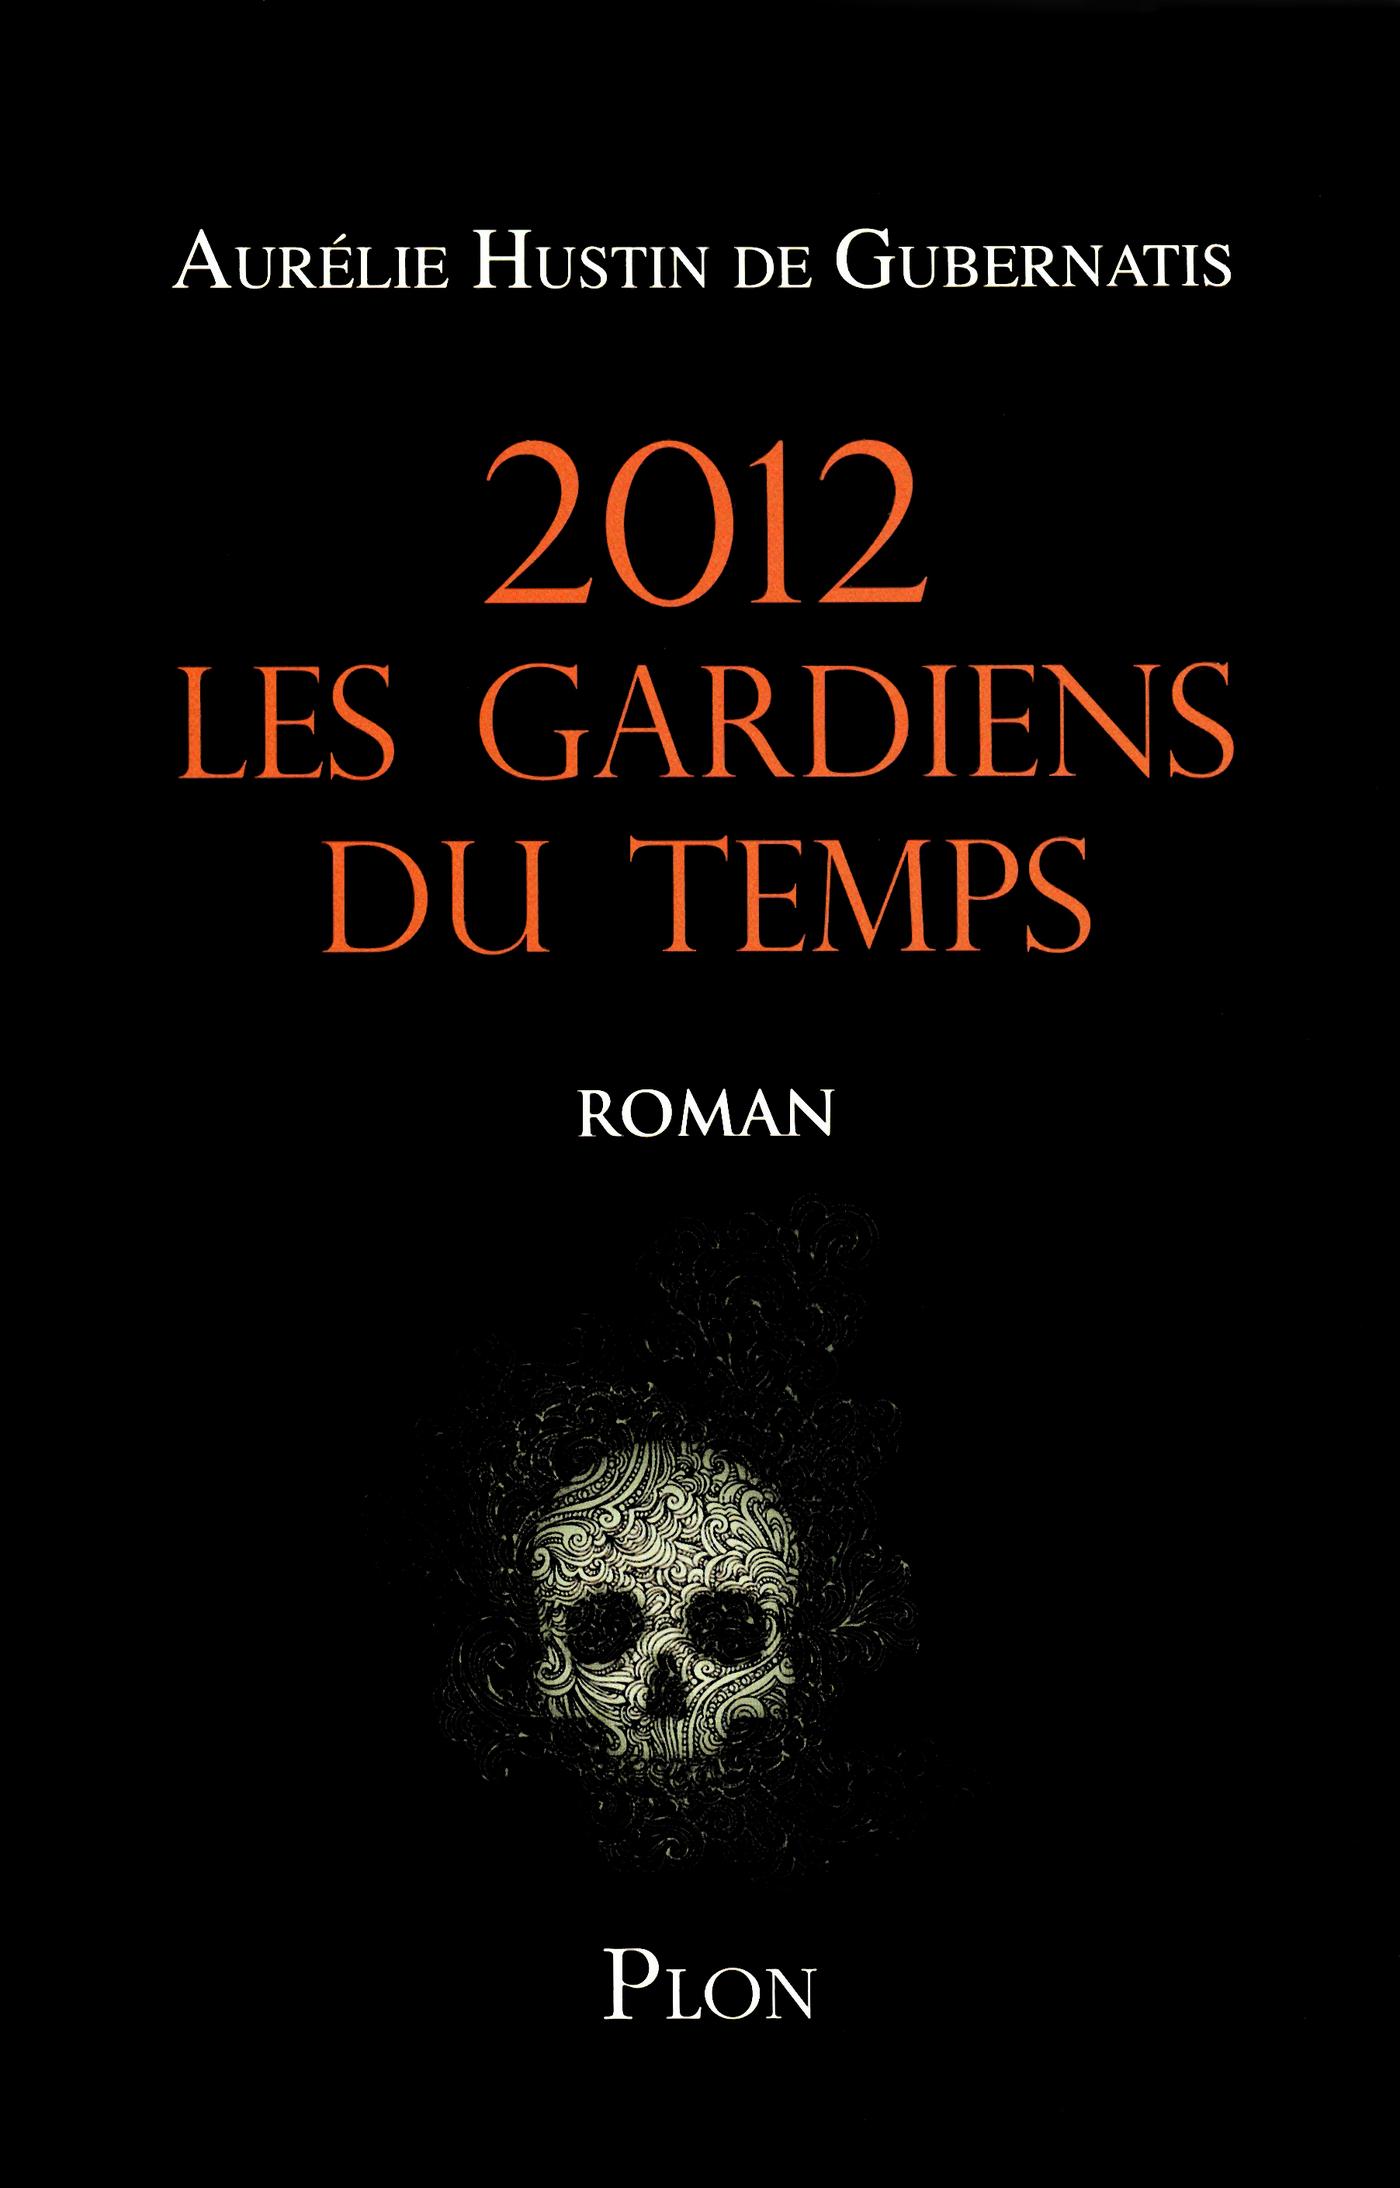 2012, Les gardiens du temps